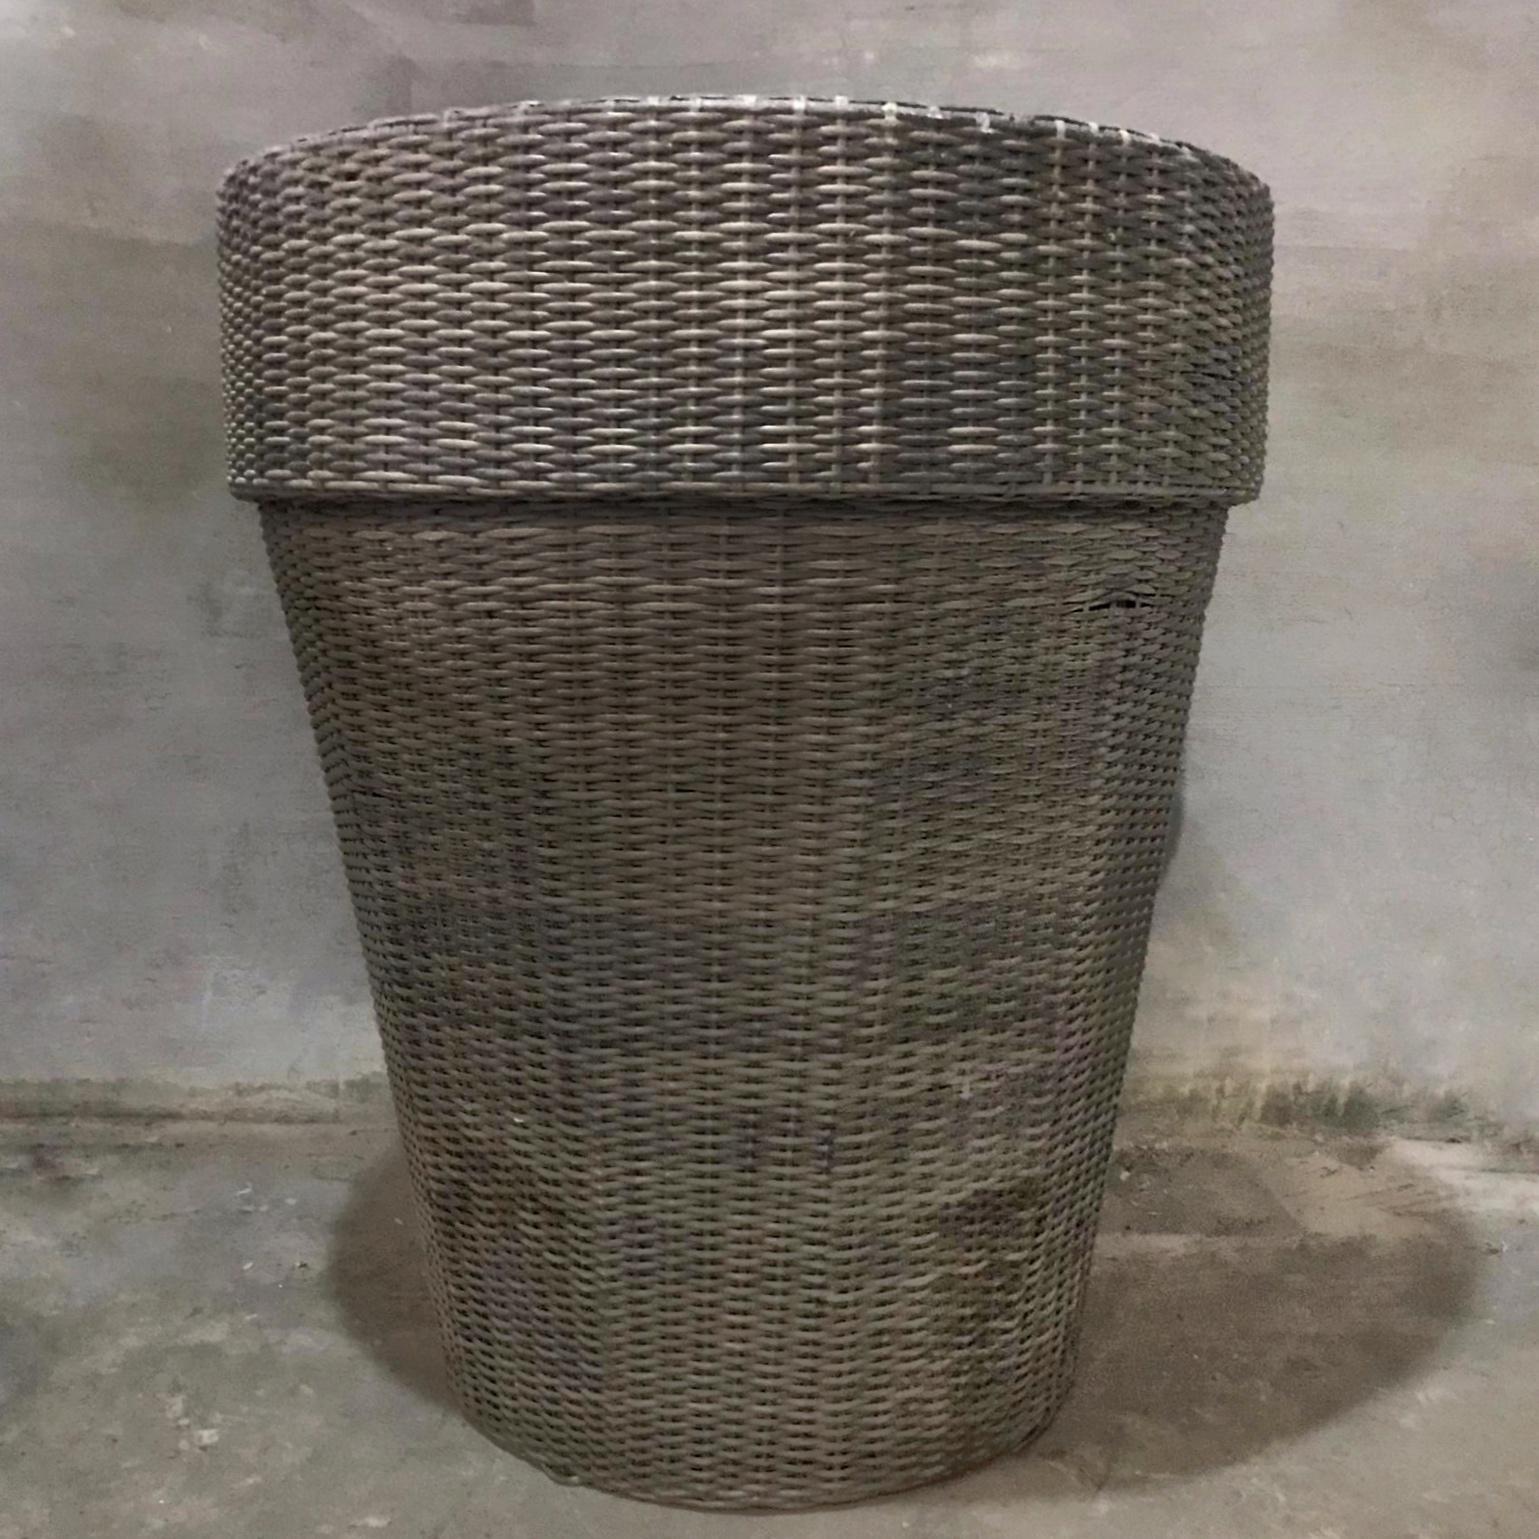 Pot Bali Marron 110x130 Pots & Vases